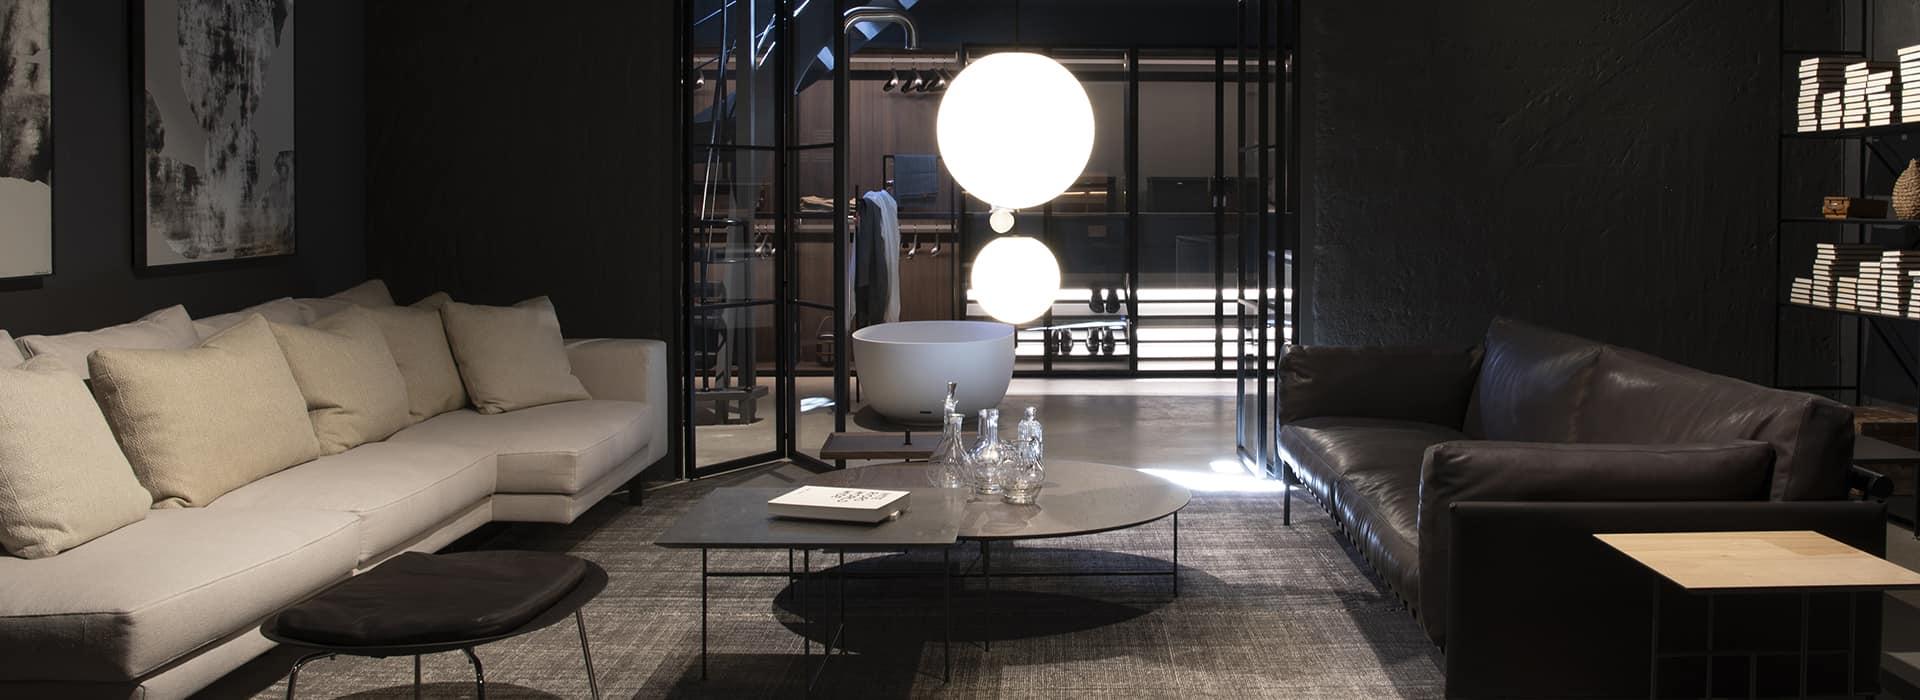 Boffi | De Padova Studio Stockholm